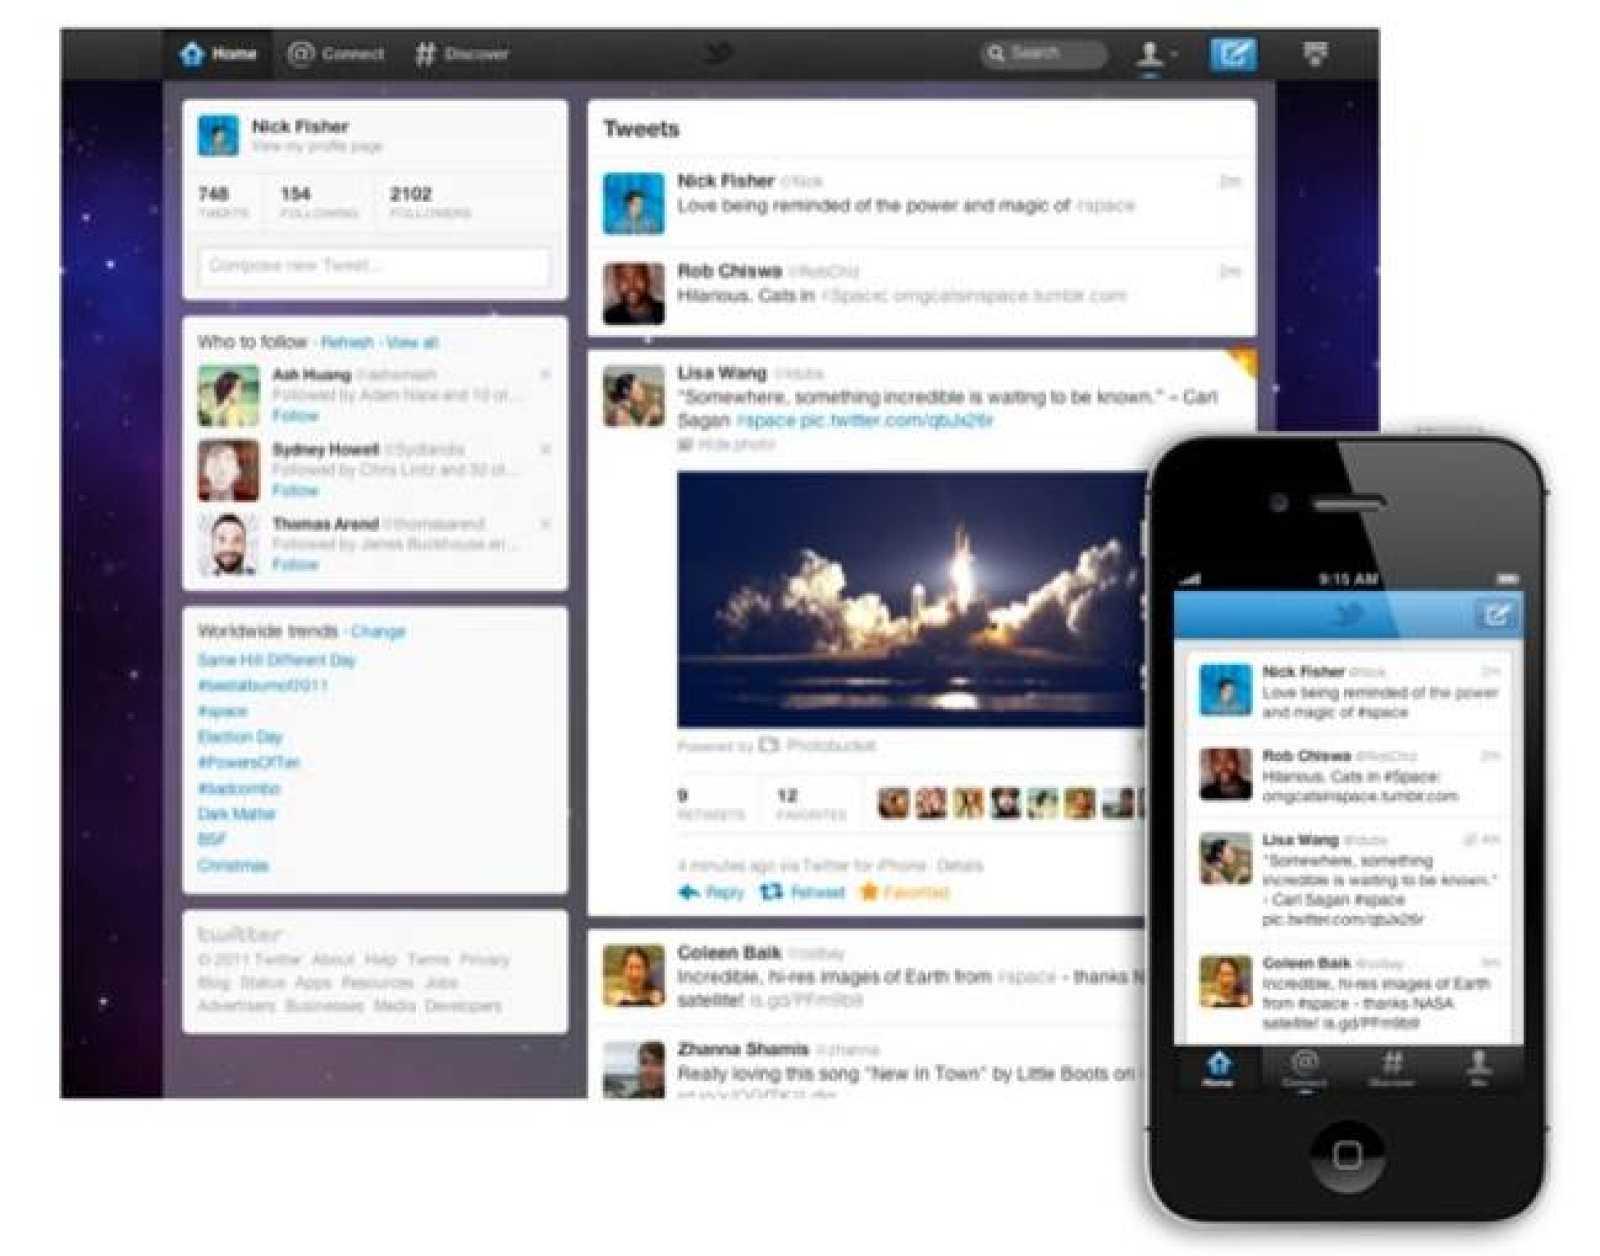 La nueva versión irá implantándose de forma escalonada en los perfiles de usuario.